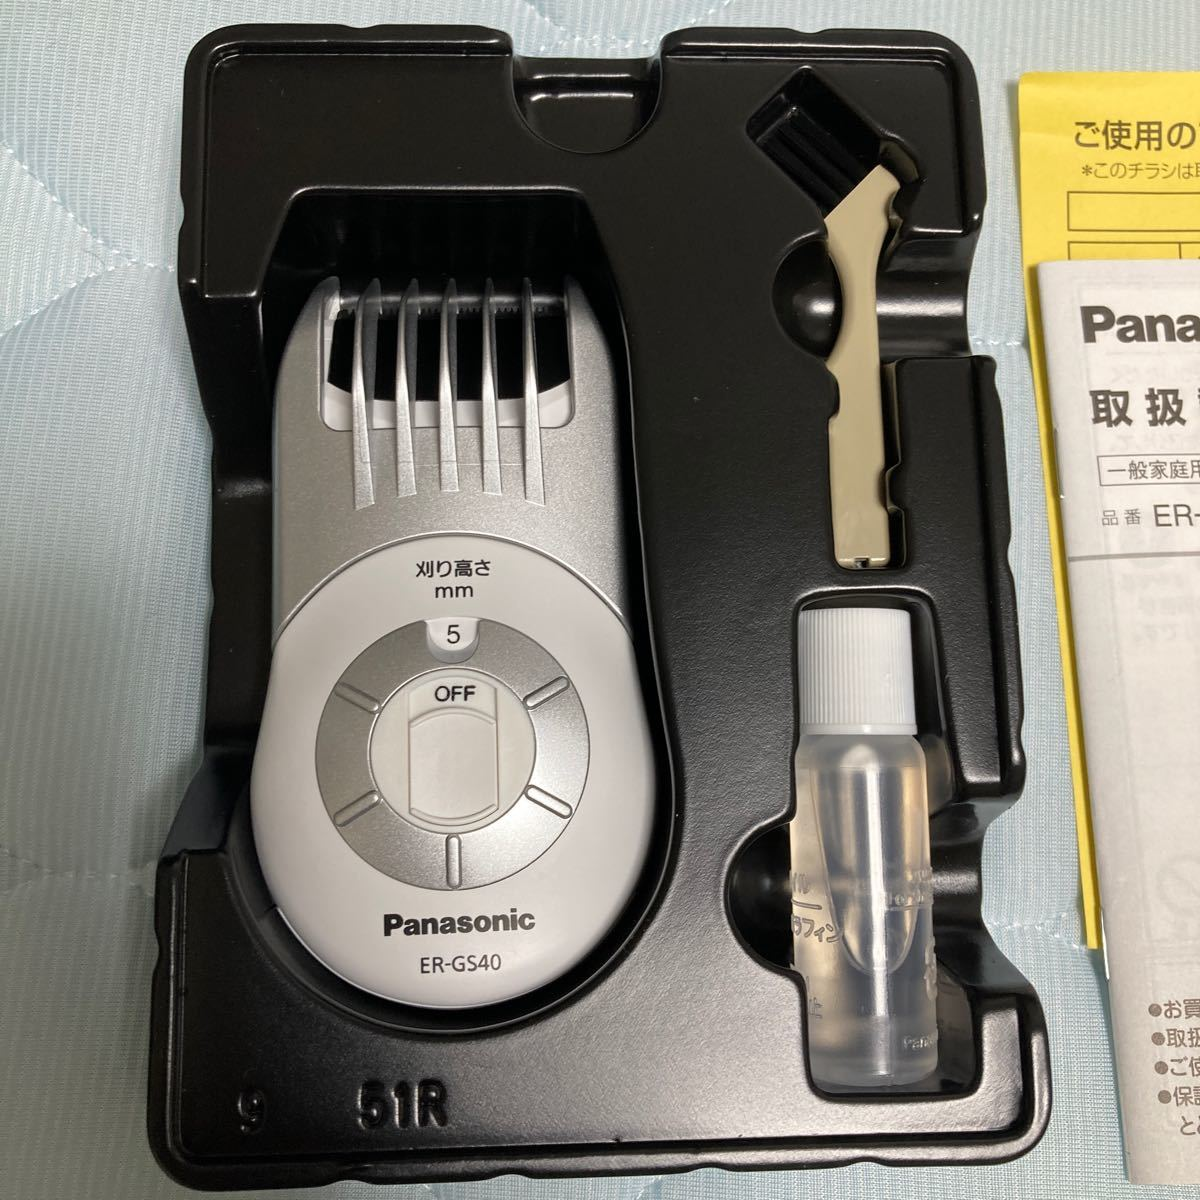 パナソニック セルフヘアーカッター Panasonic ER-GS40-W 返品種別A